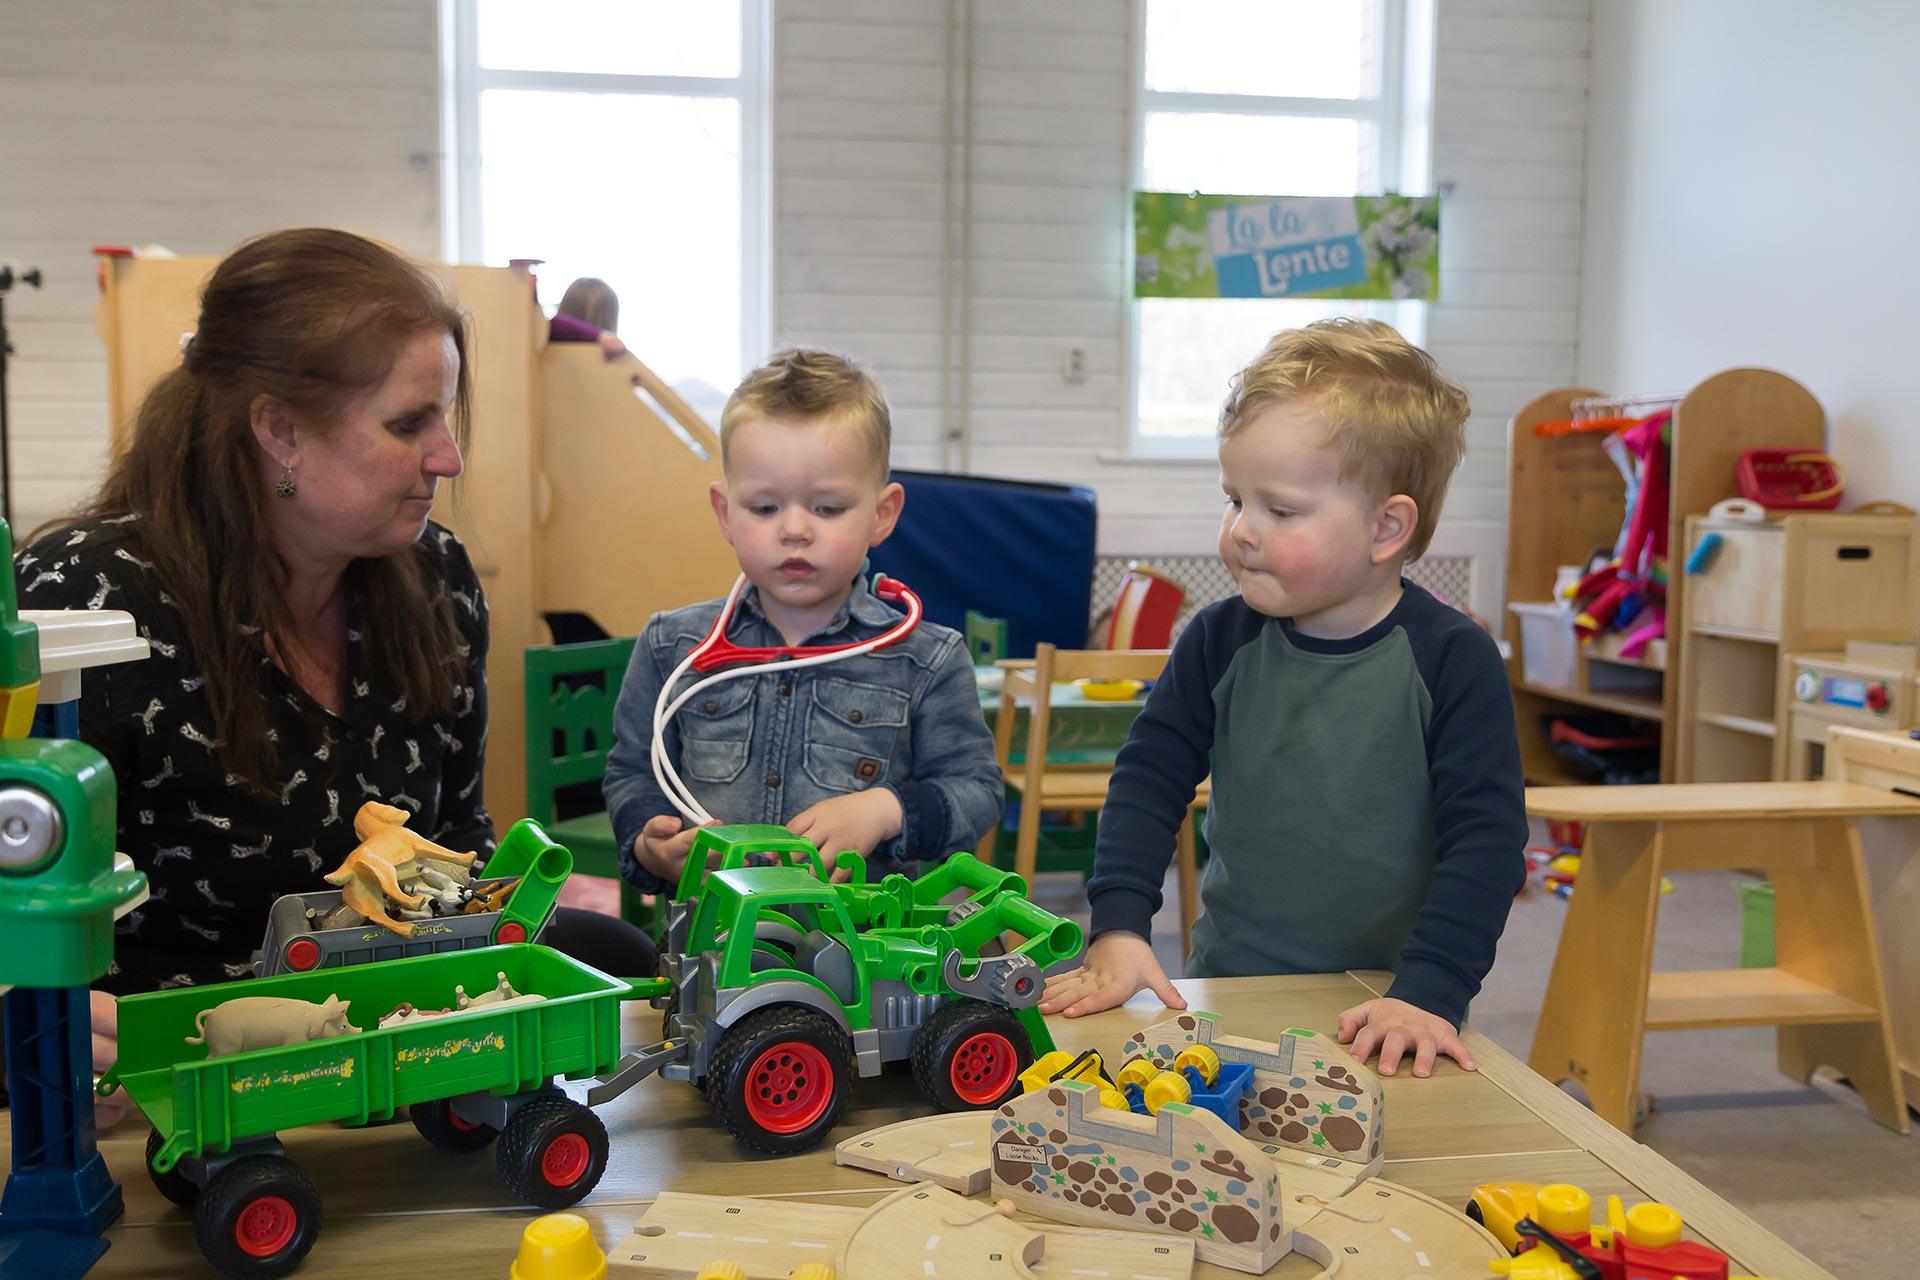 Juf en twee kinderen met speelgoed bij tafel